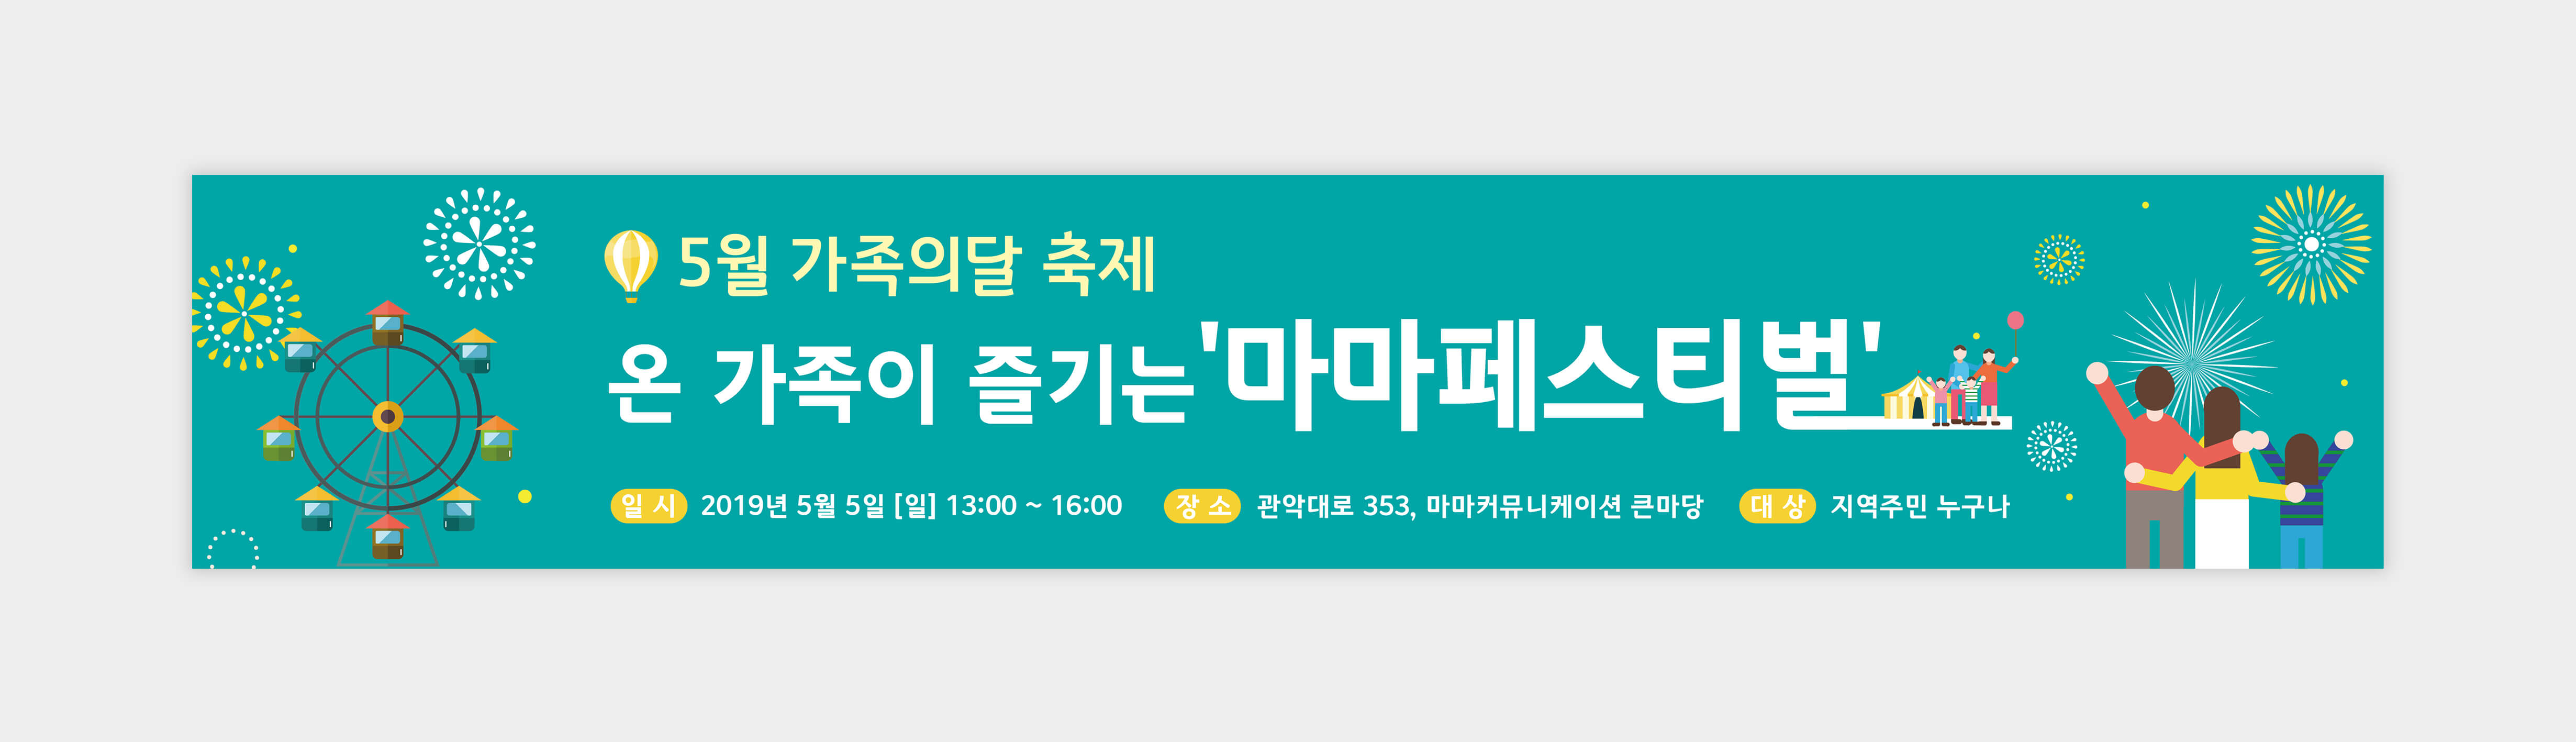 현수막_052